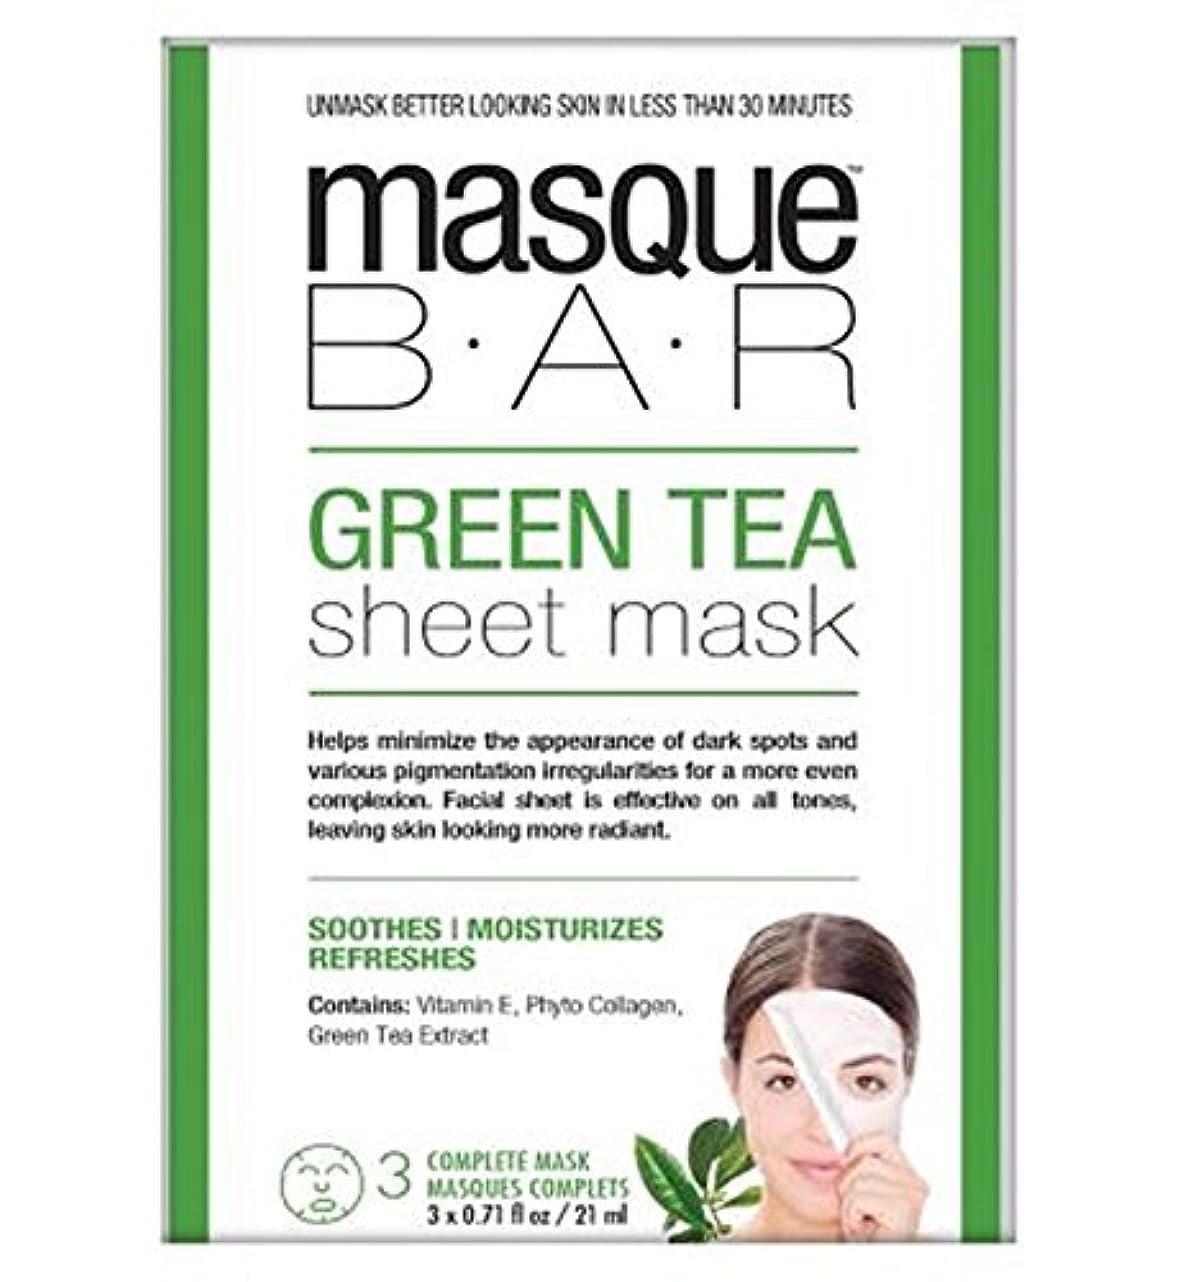 踏みつけチャート王子仮面劇バー緑茶シートマスク - 3完全なマスク (P6B Masque Bar Bt) (x2) - Masque Bar Green Tea Sheet Mask - 3 complete masks (Pack of...